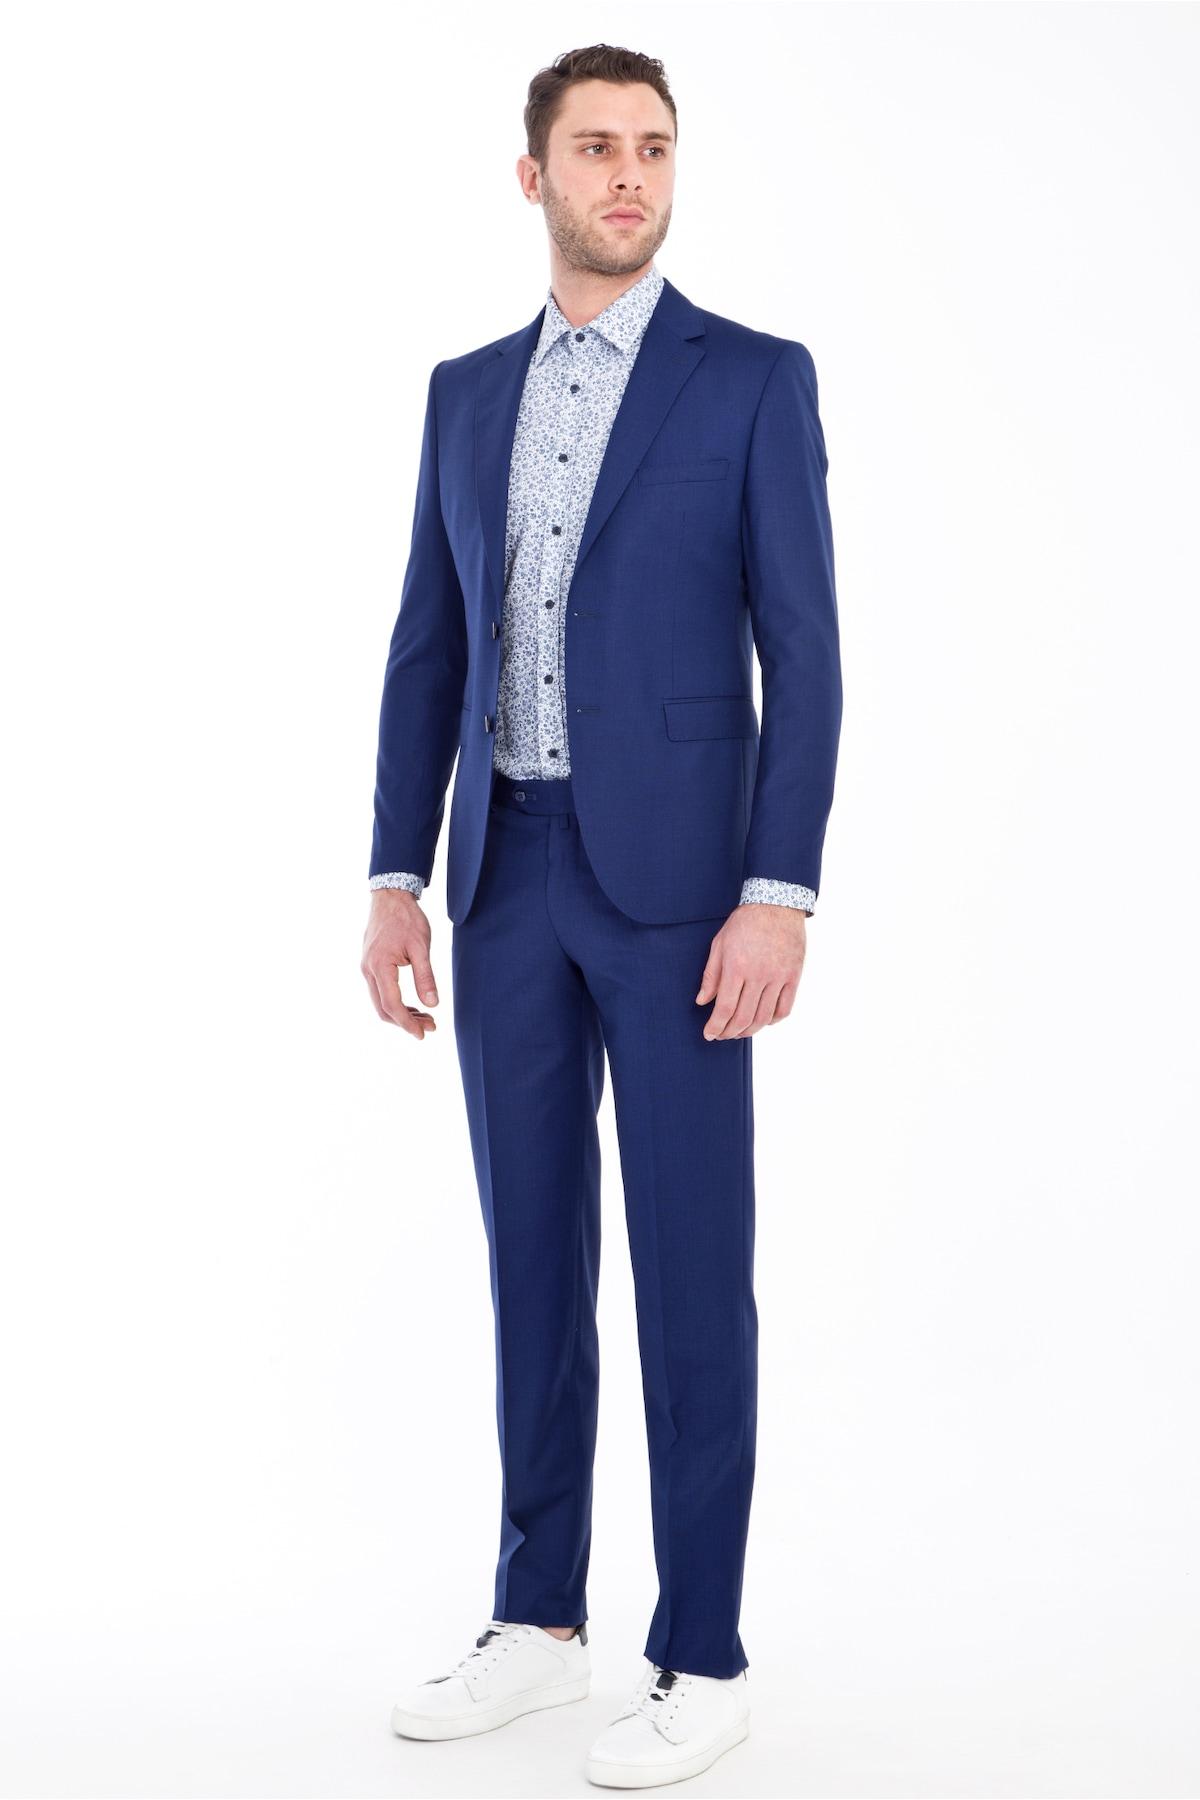 Erkek Takım Elbise Alırken Dikkat Edilmesi Gerekenler